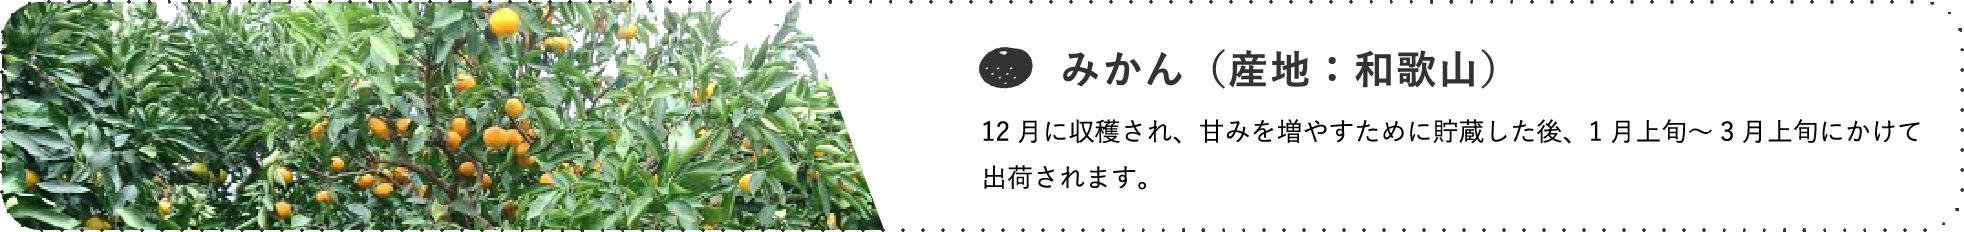 みかん(産地:岐阜) / 12月に収穫され、甘みを増やすために貯蔵した後、1月上旬~3月上旬にかけて出荷されます。